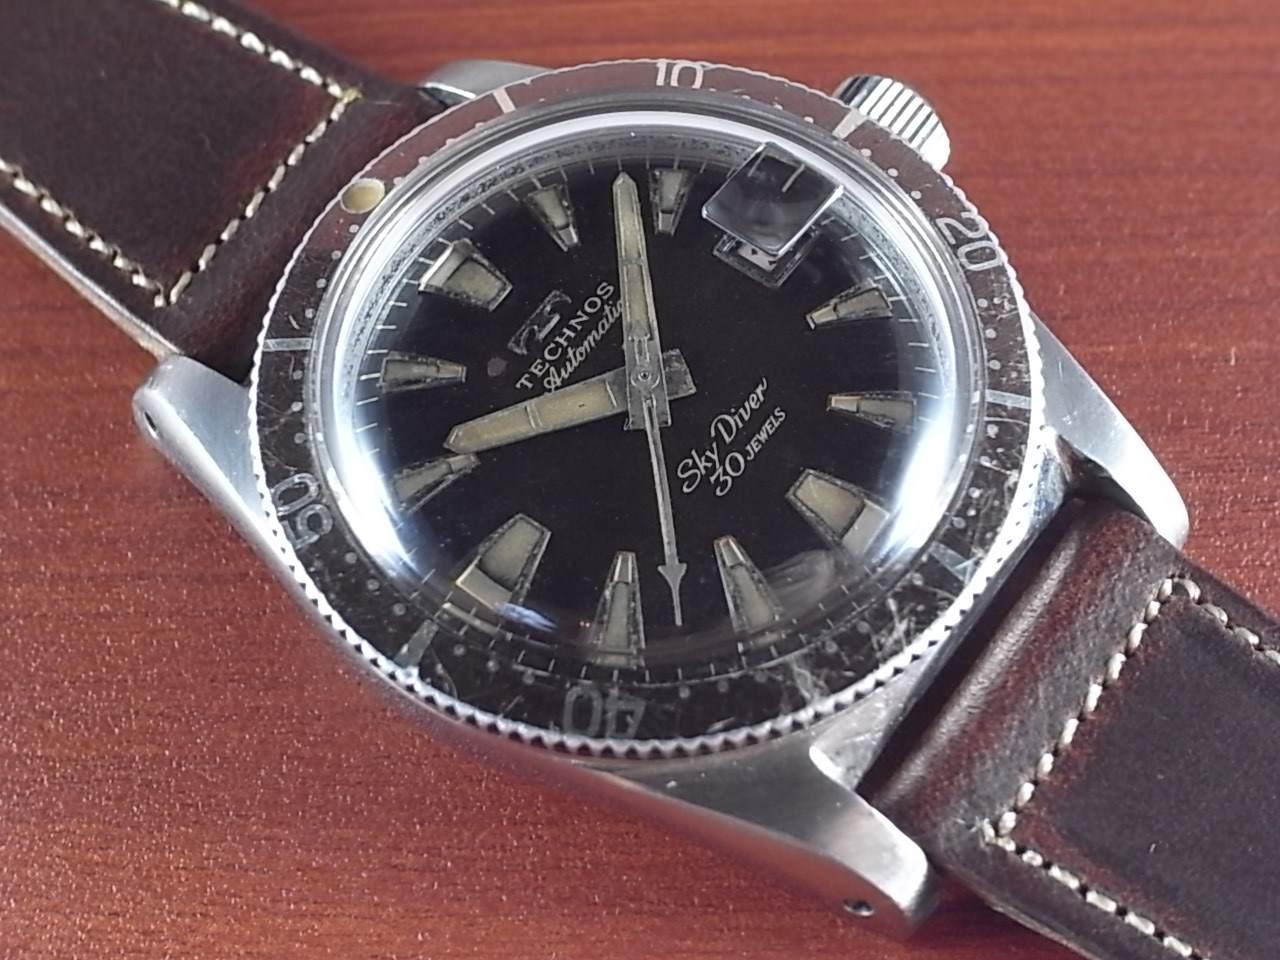 テクノス スカイダイバー トロピカルダイアル 30JEWELS 1960年代のメイン写真